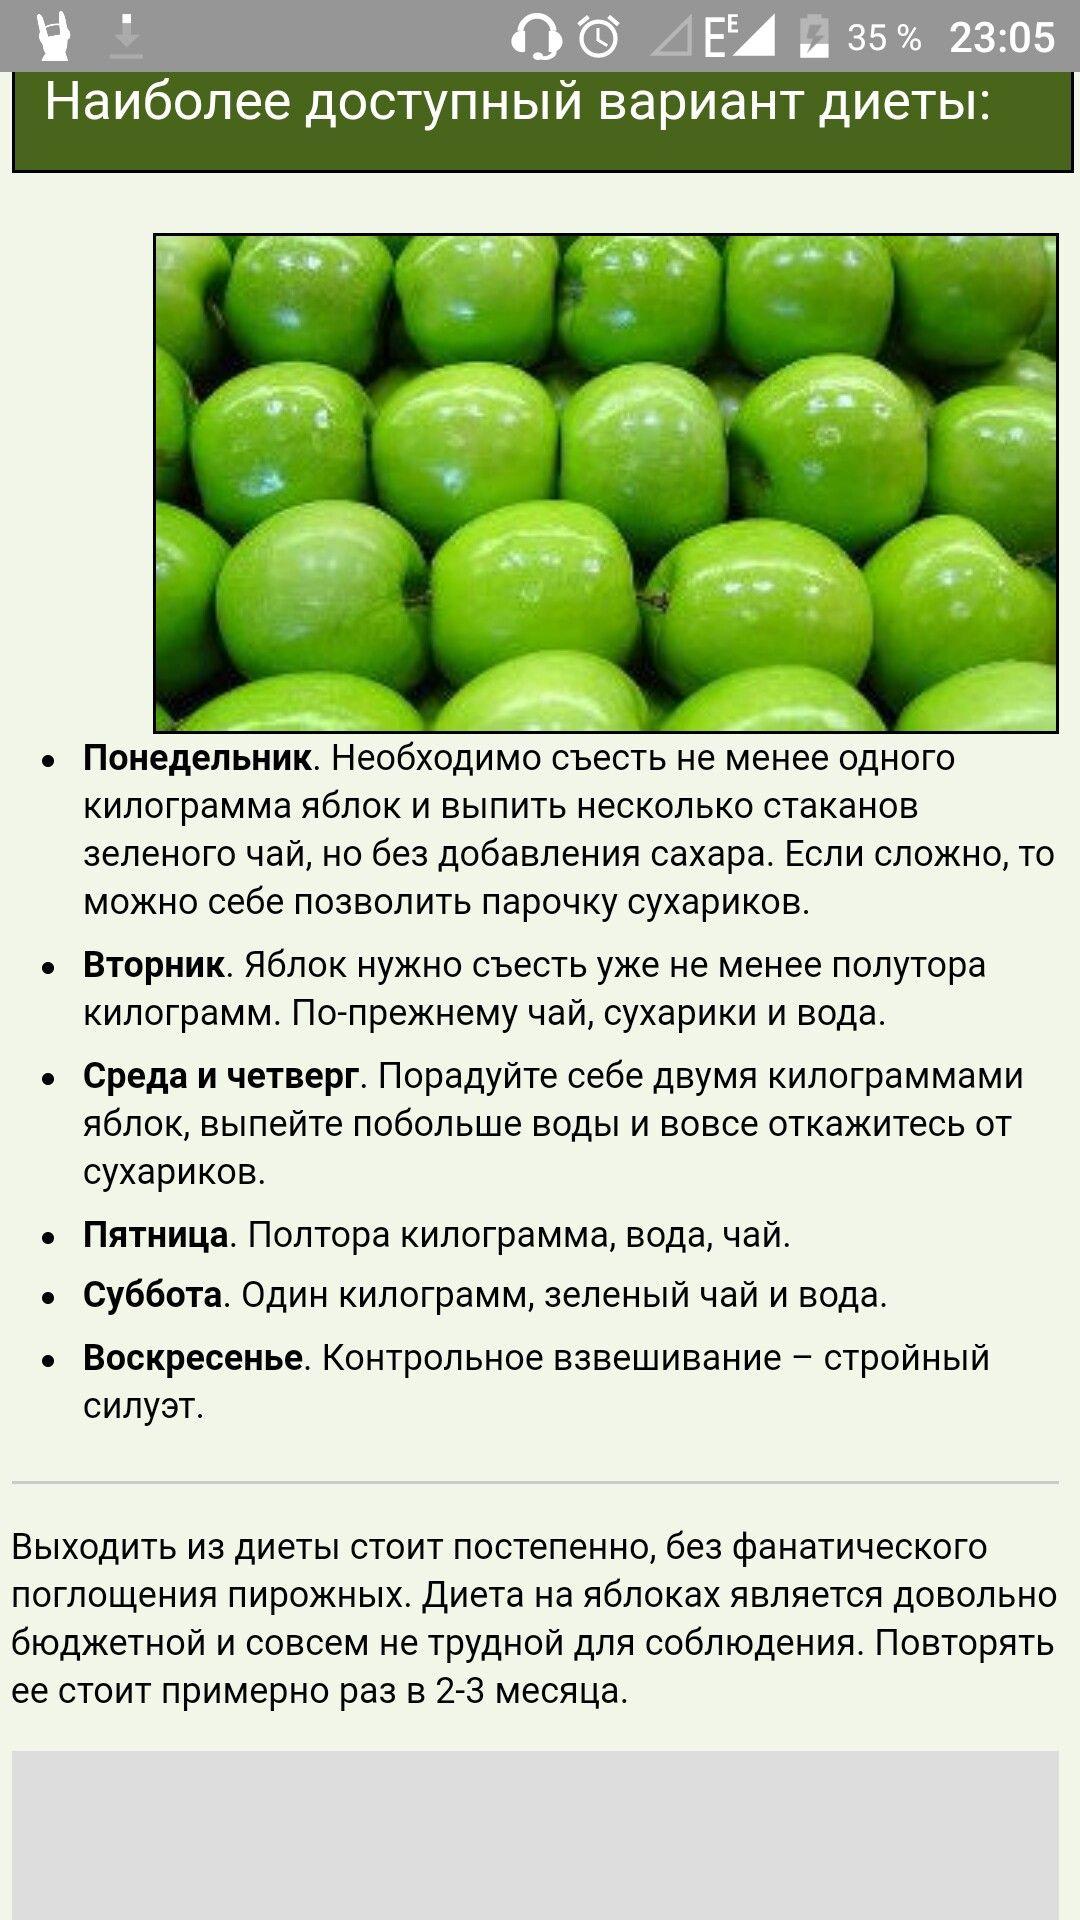 Яблочная диета какой результат